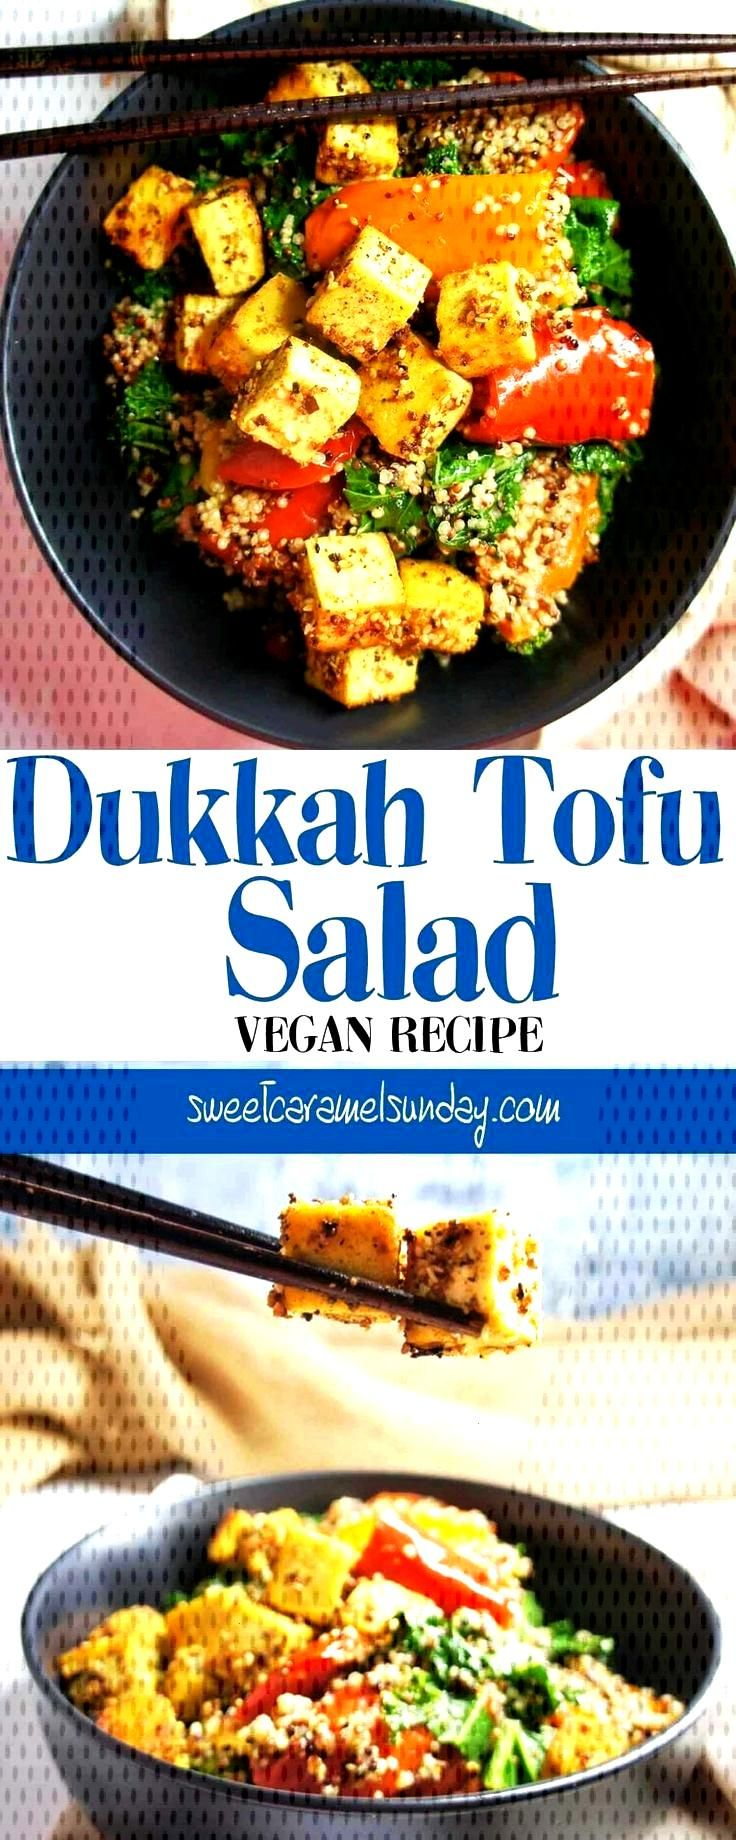 Dukkah Salad with Tofu Recipe Dukkah Tofu Salad | Sweet Caramel Sunday